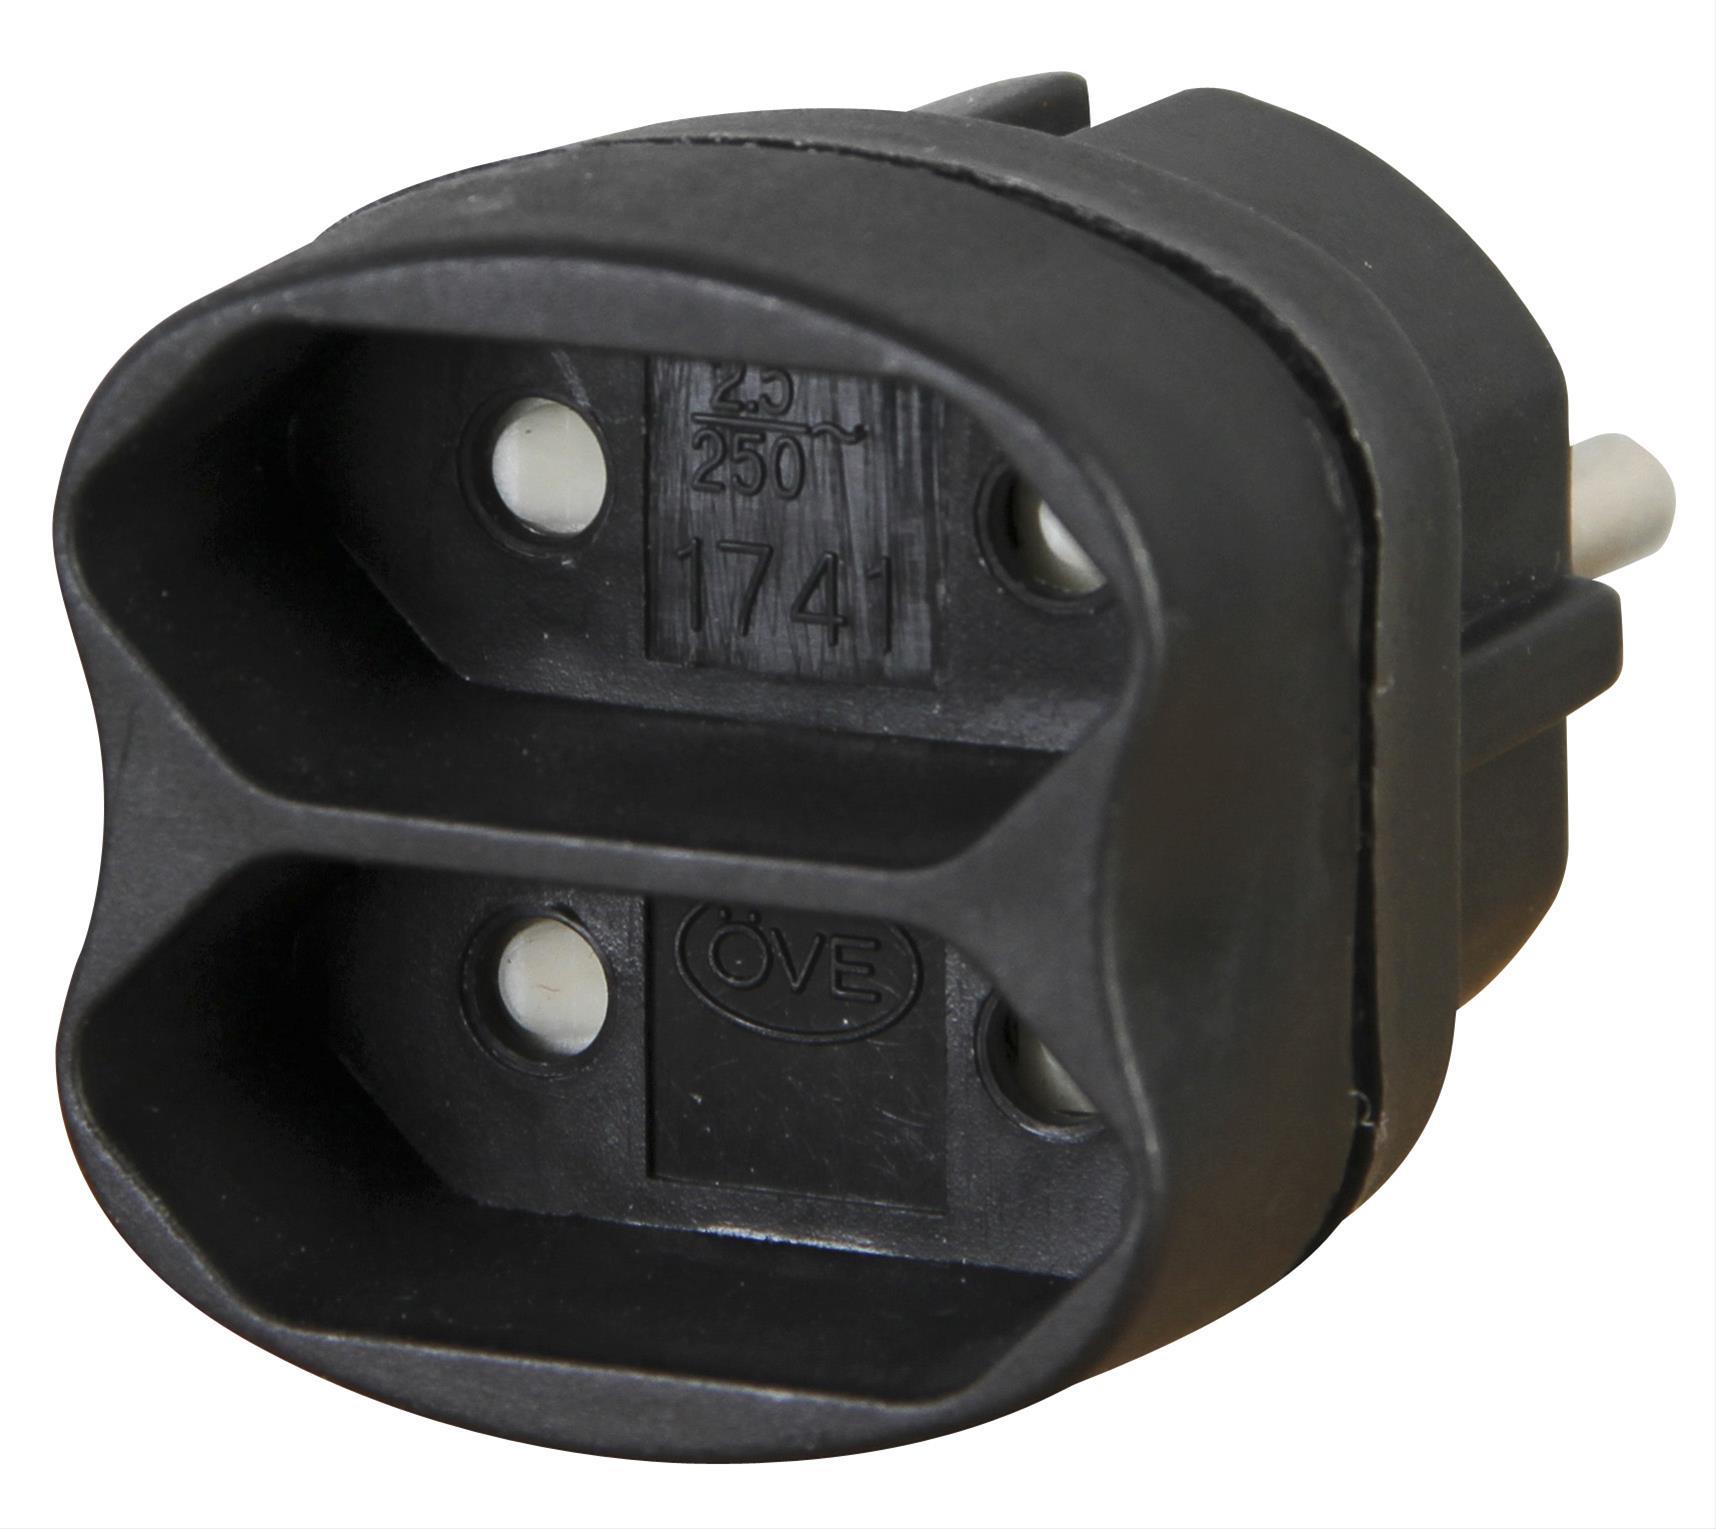 Kopp 2fach Adapter schwarz Bild 1